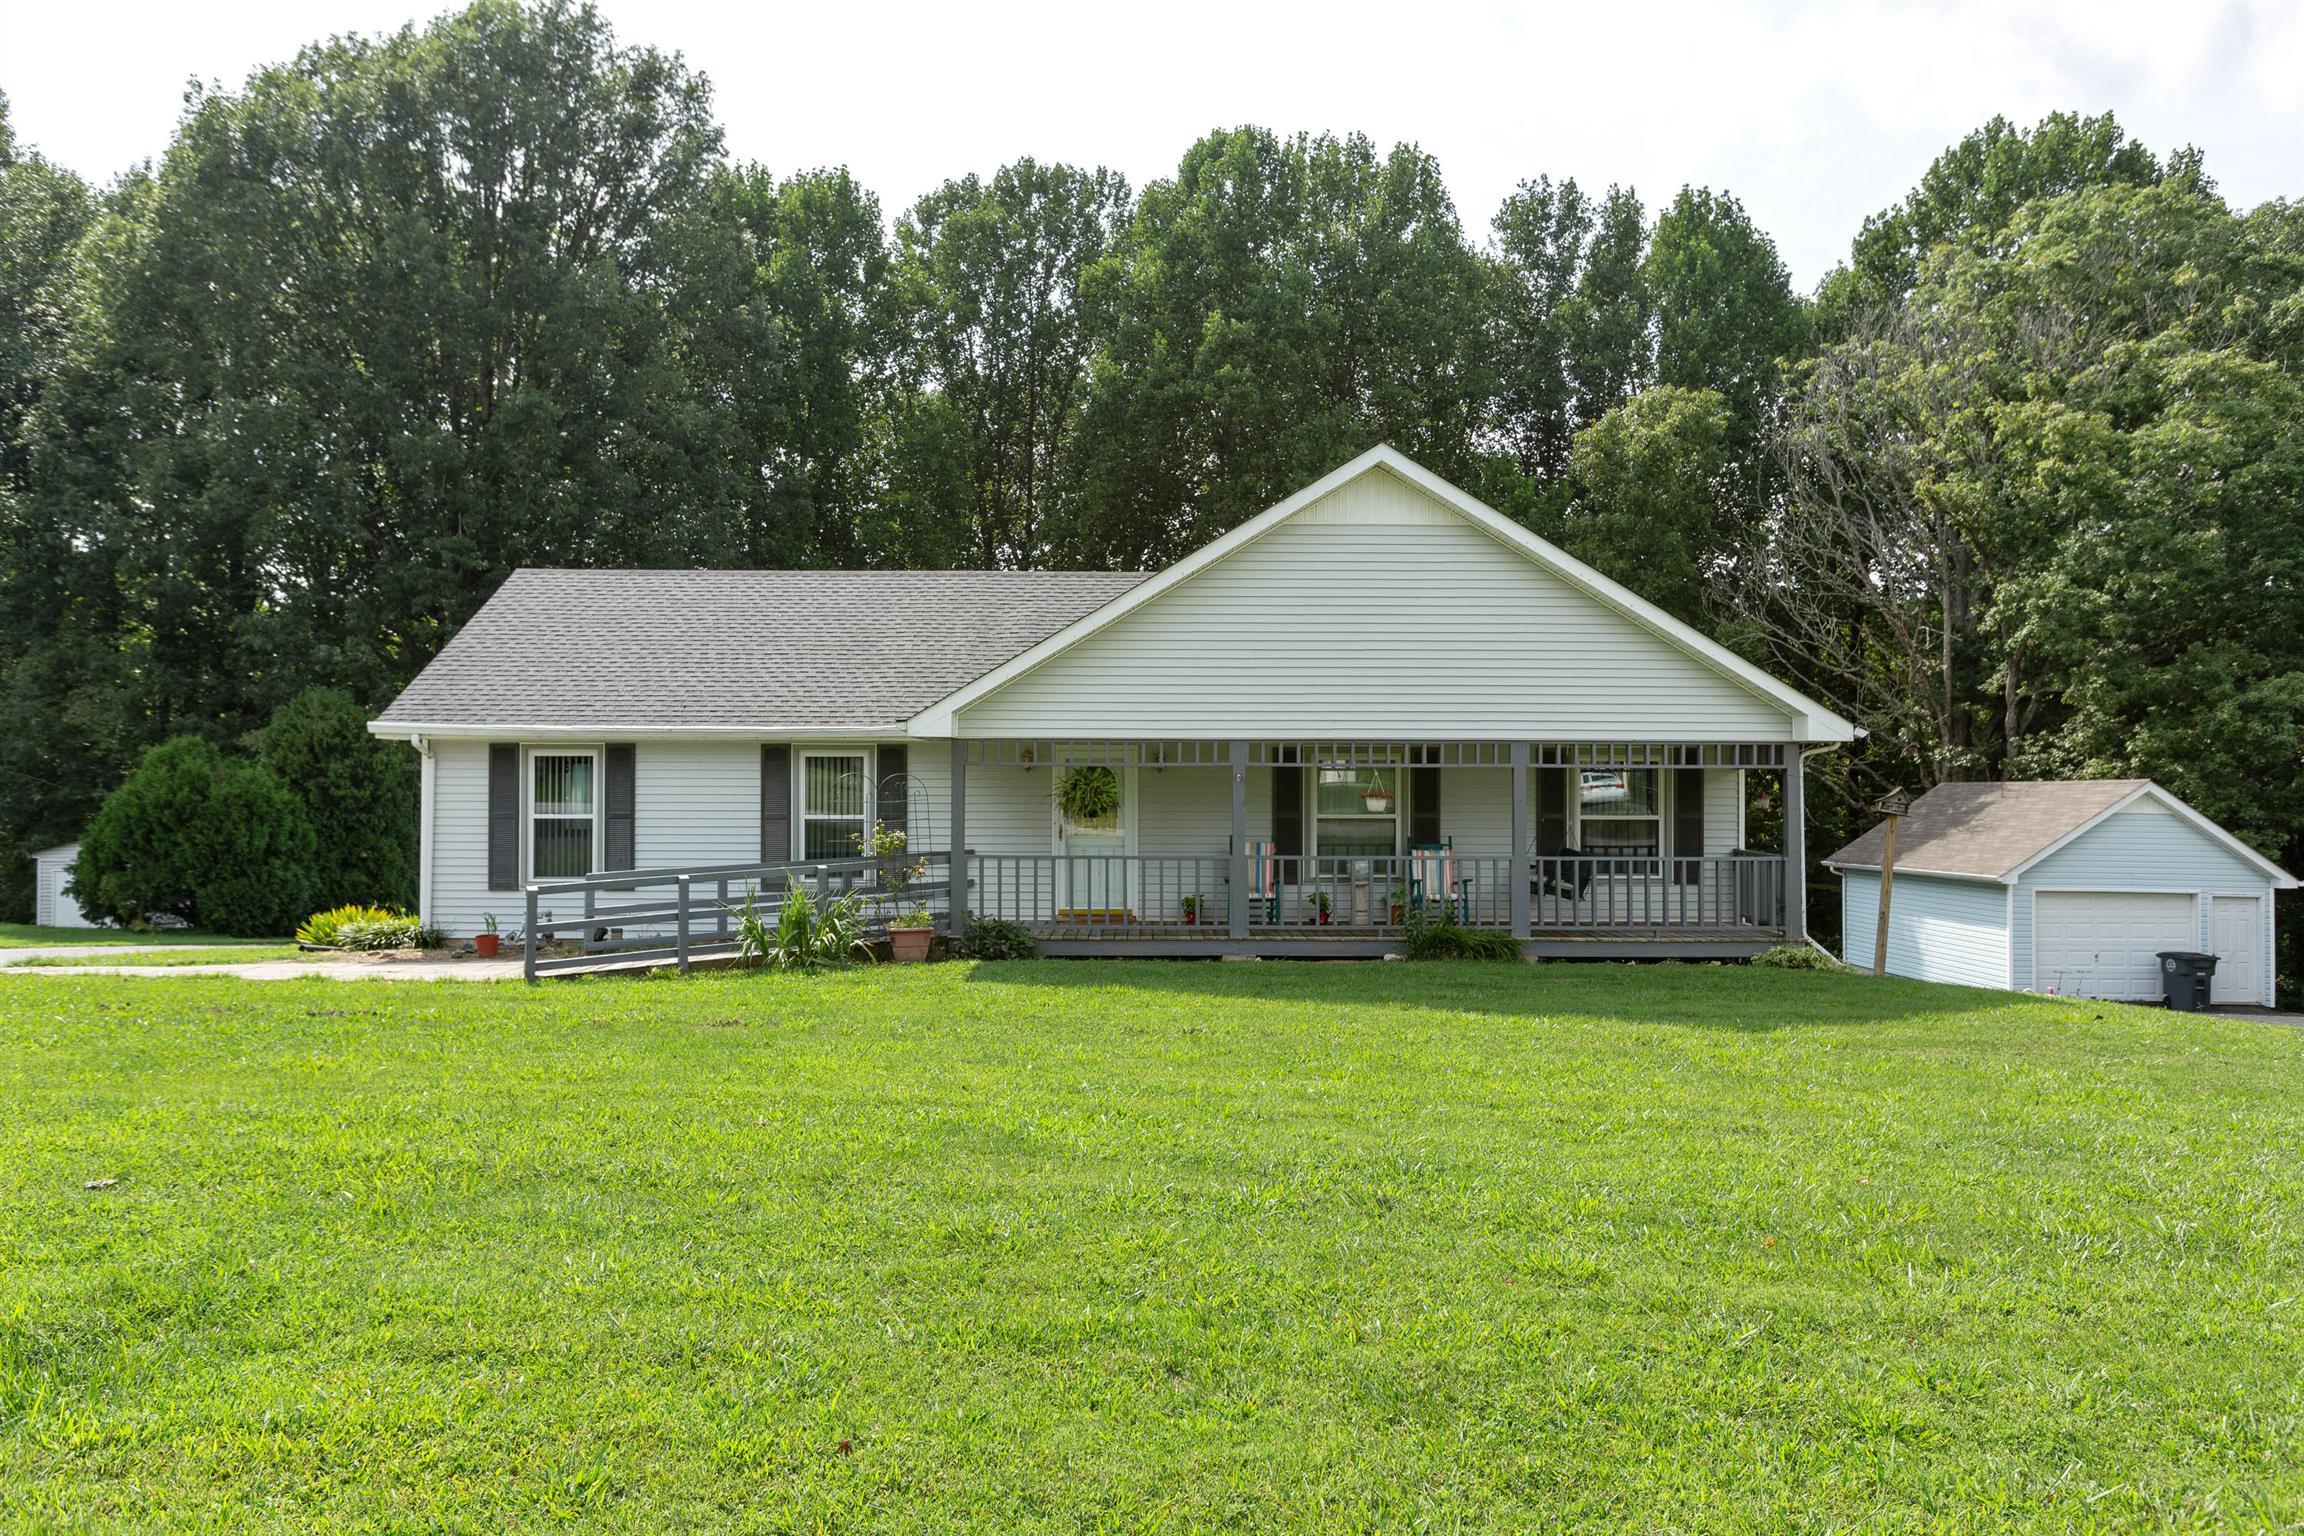 105 Hilco Drive, Lafayette, TN 37083 - Lafayette, TN real estate listing